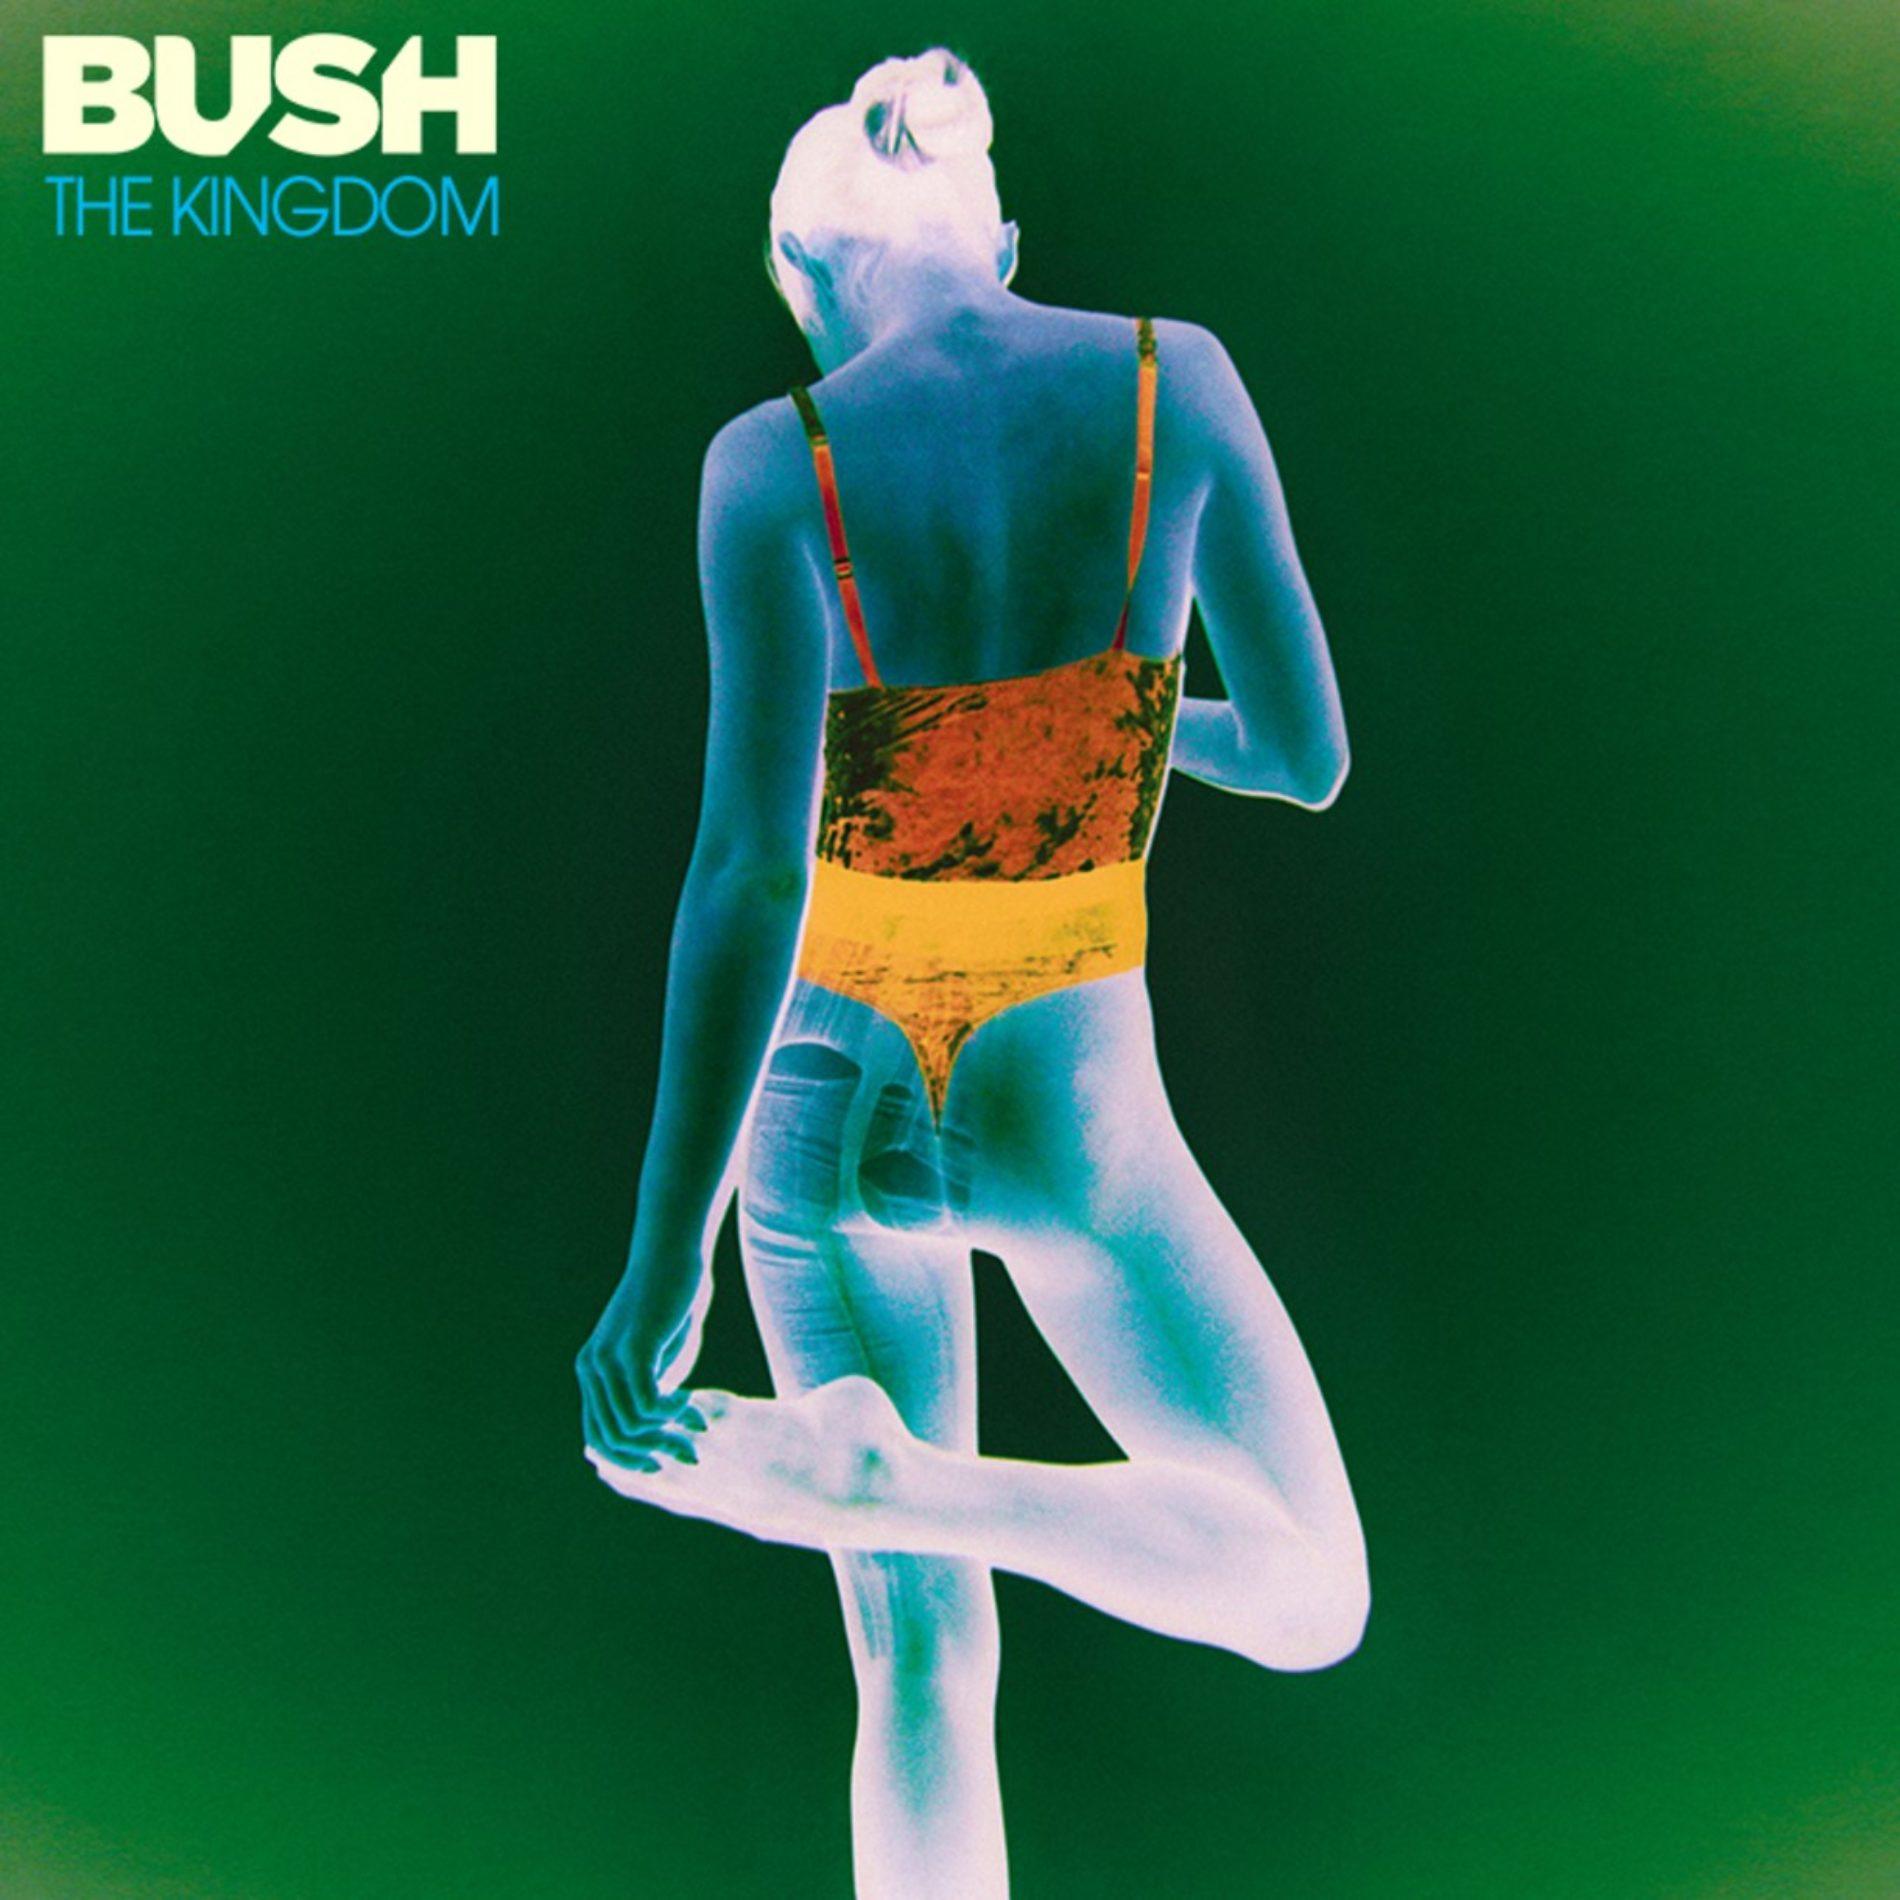 Bush – The Kingdom – Review